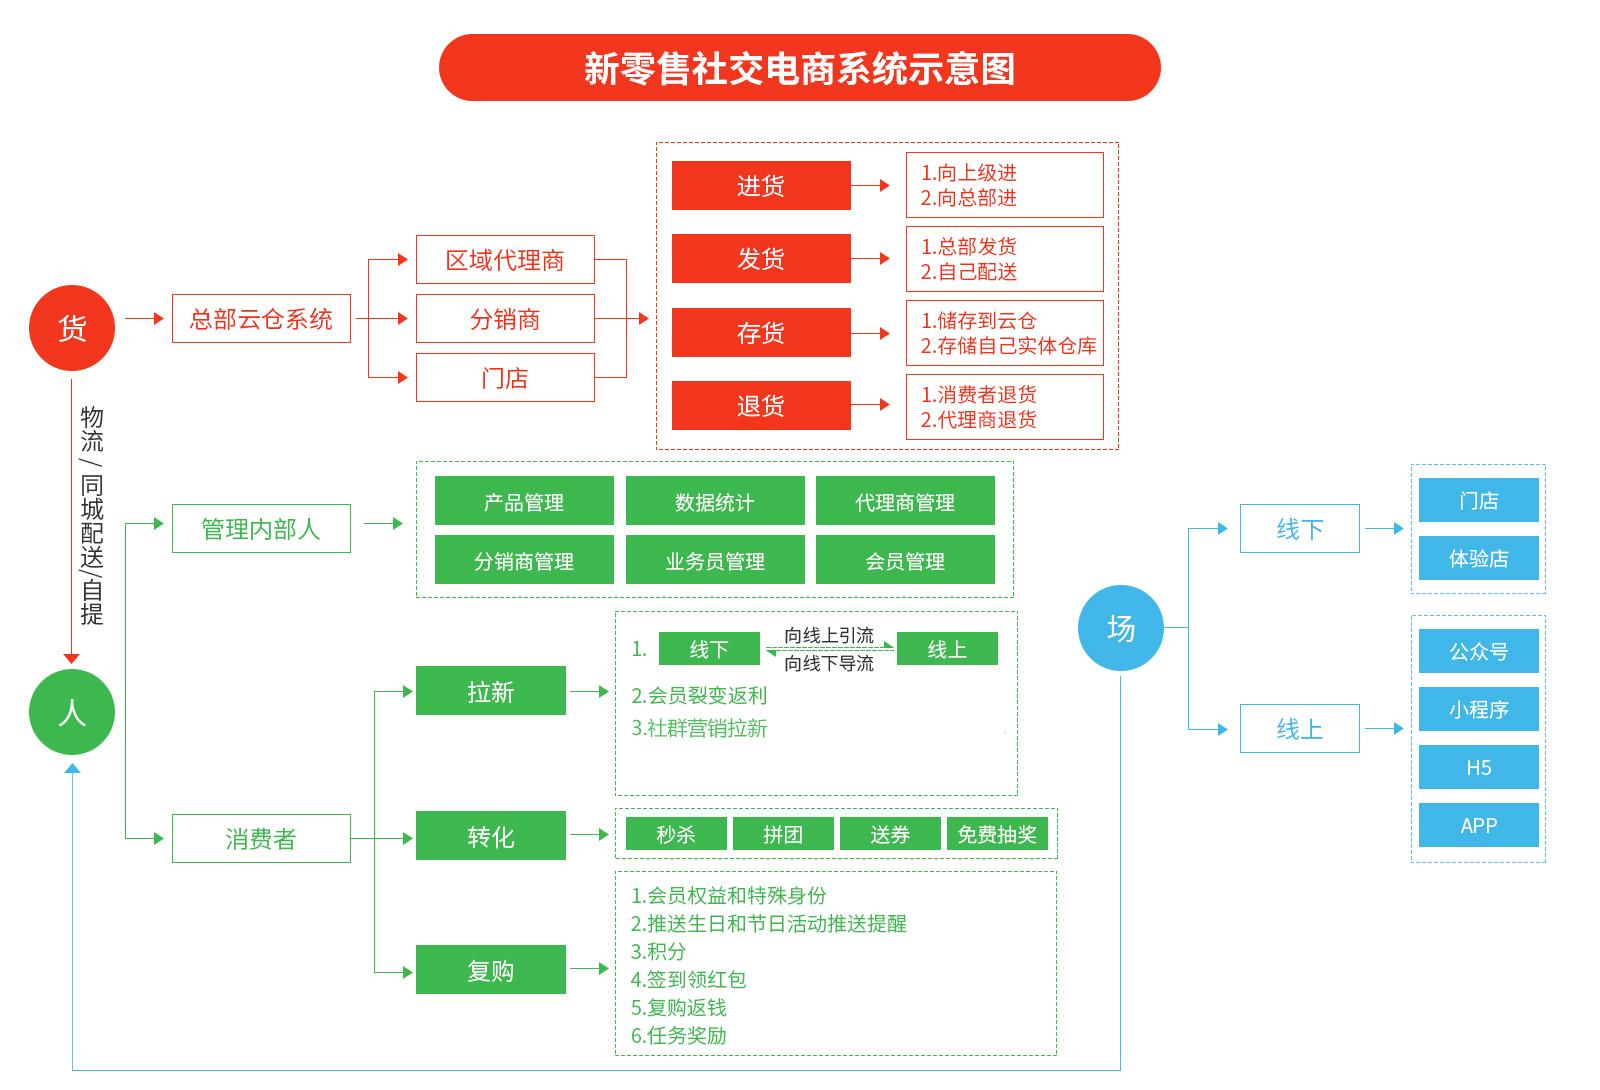 新零售O2O社交电商系统